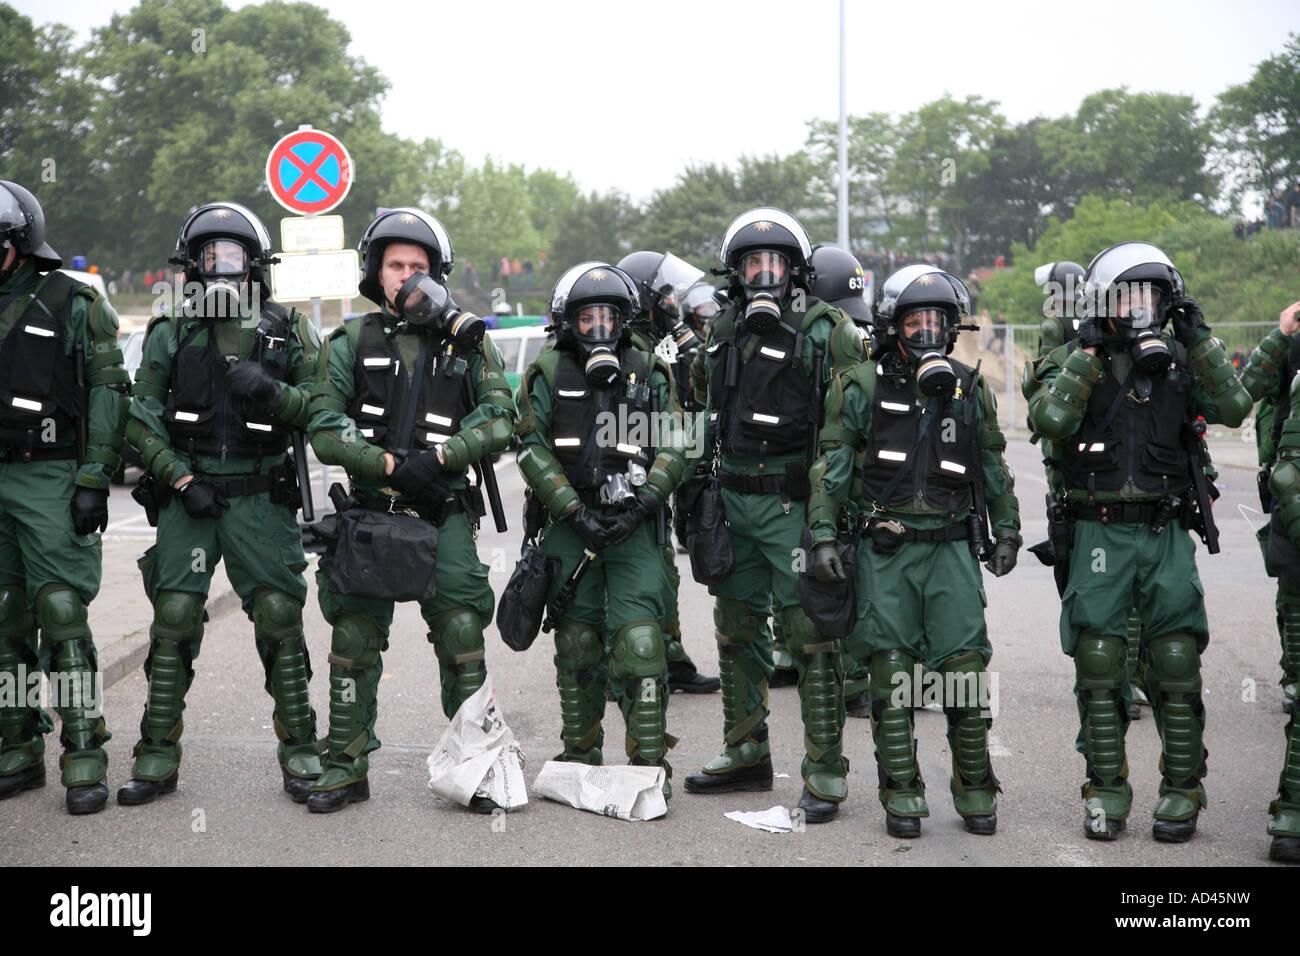 Policemen wearing gasmasks - Stock Image